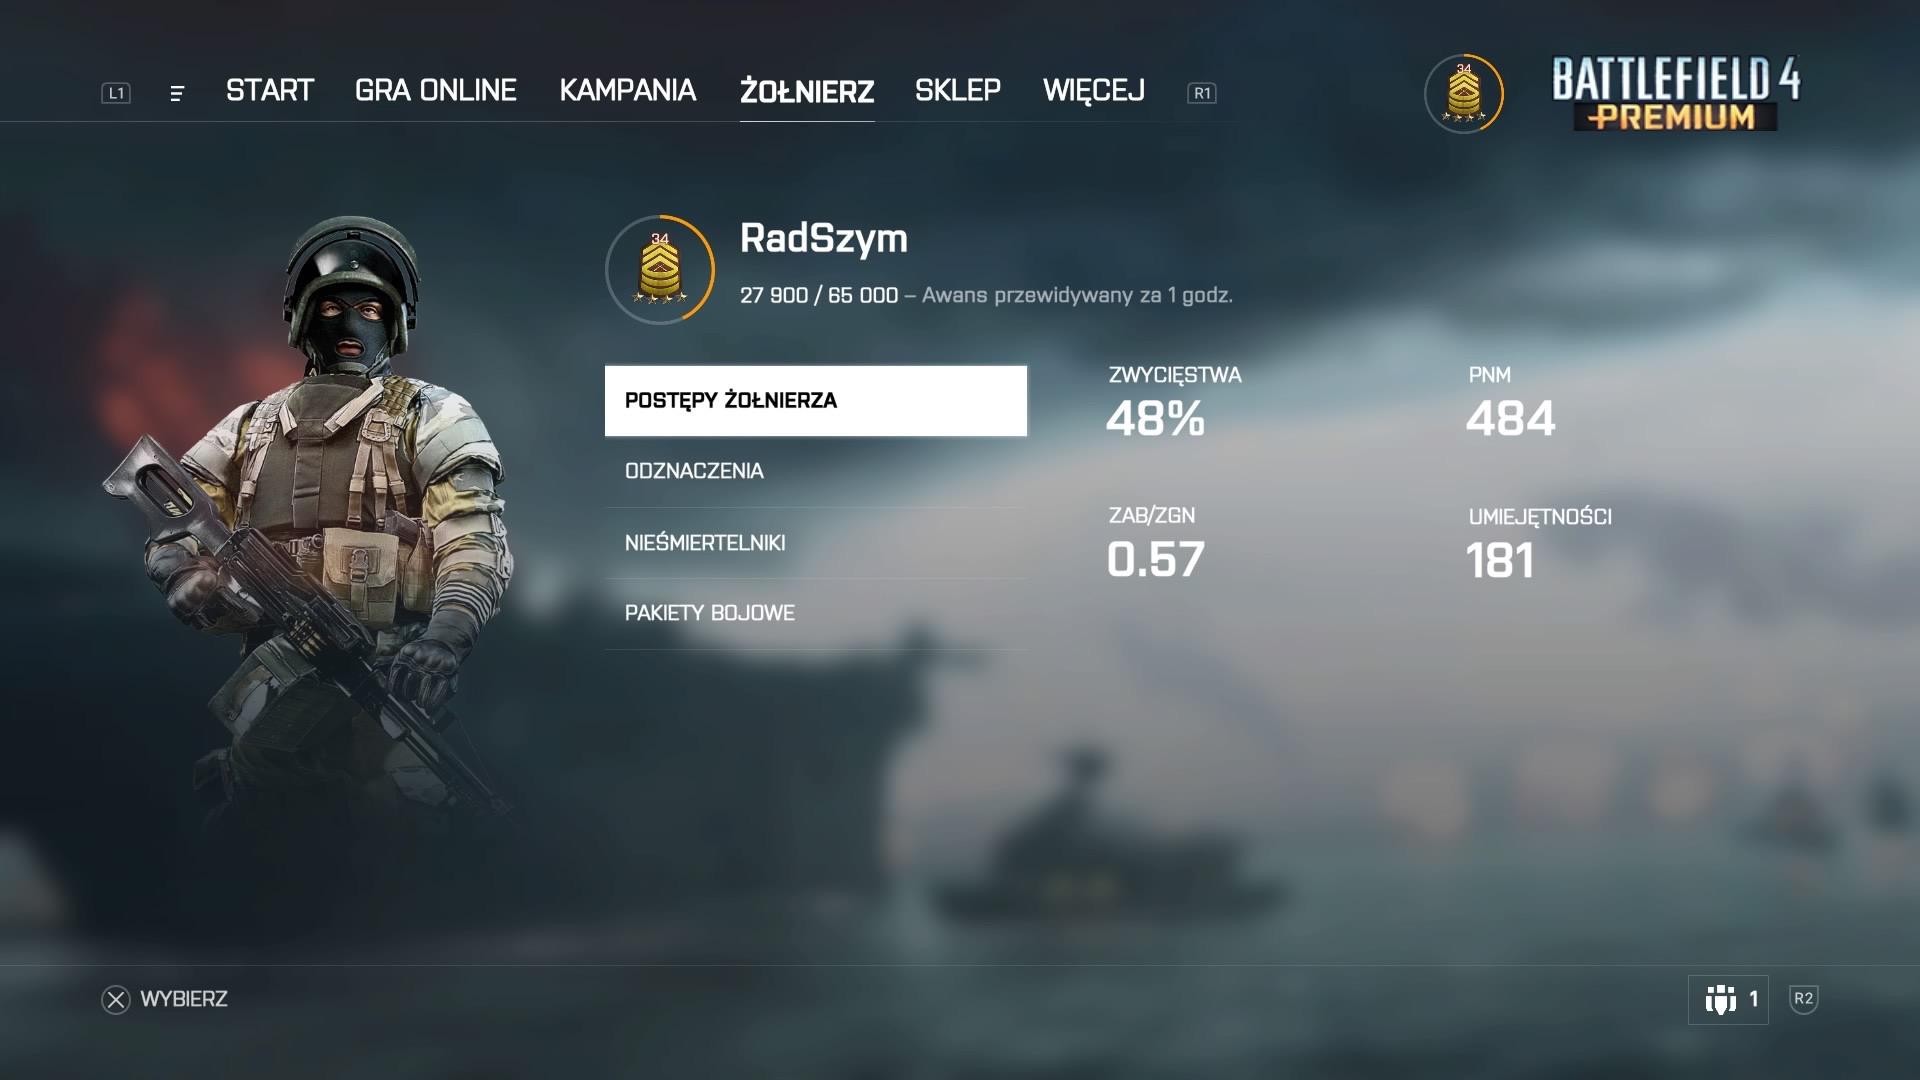 Odpalam Battlefielda 4 na konsoli, a tam takie zmiany. Ależ EA kapitalnie to wymyśliło!